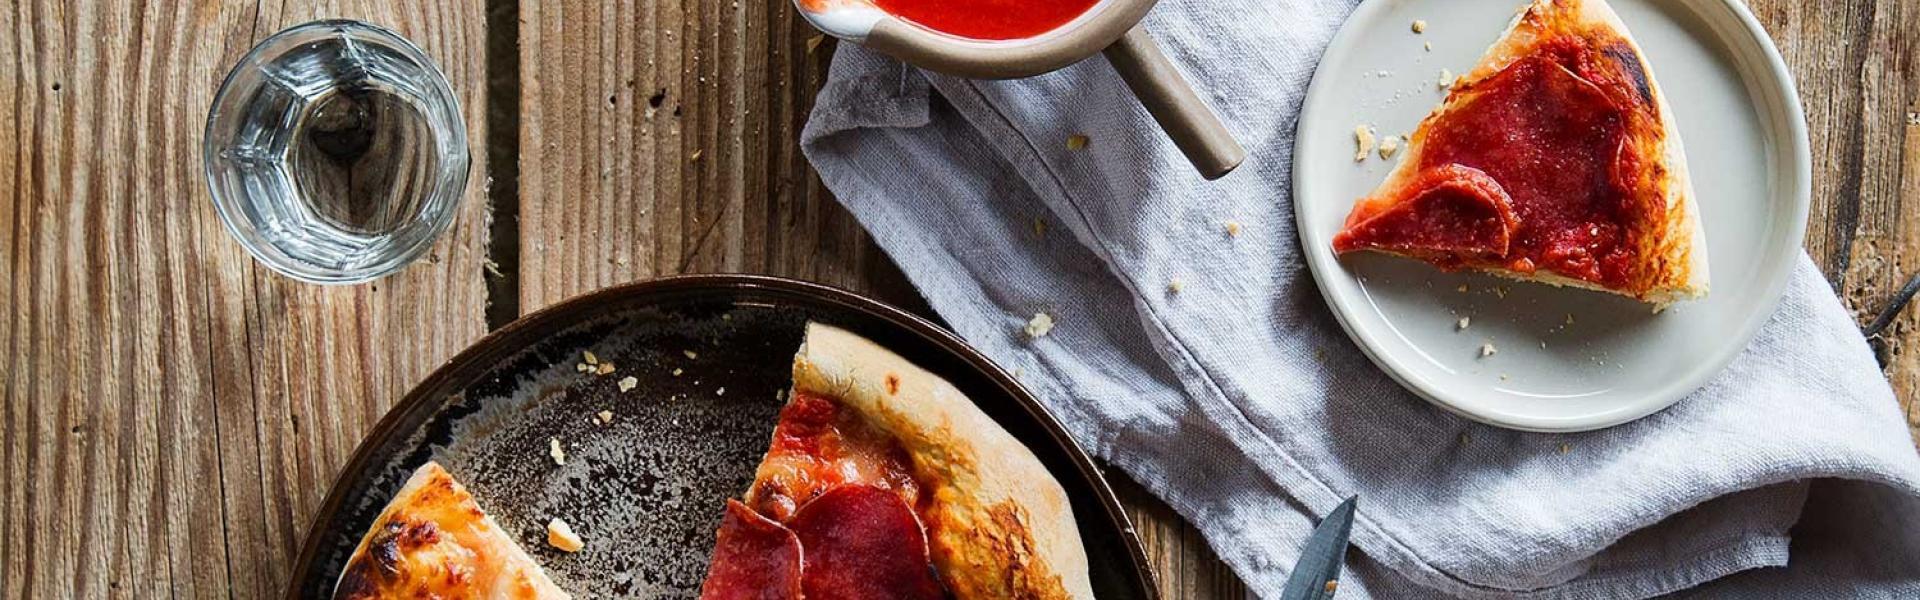 Pizza Salami angeschnitten auf einem Teller.